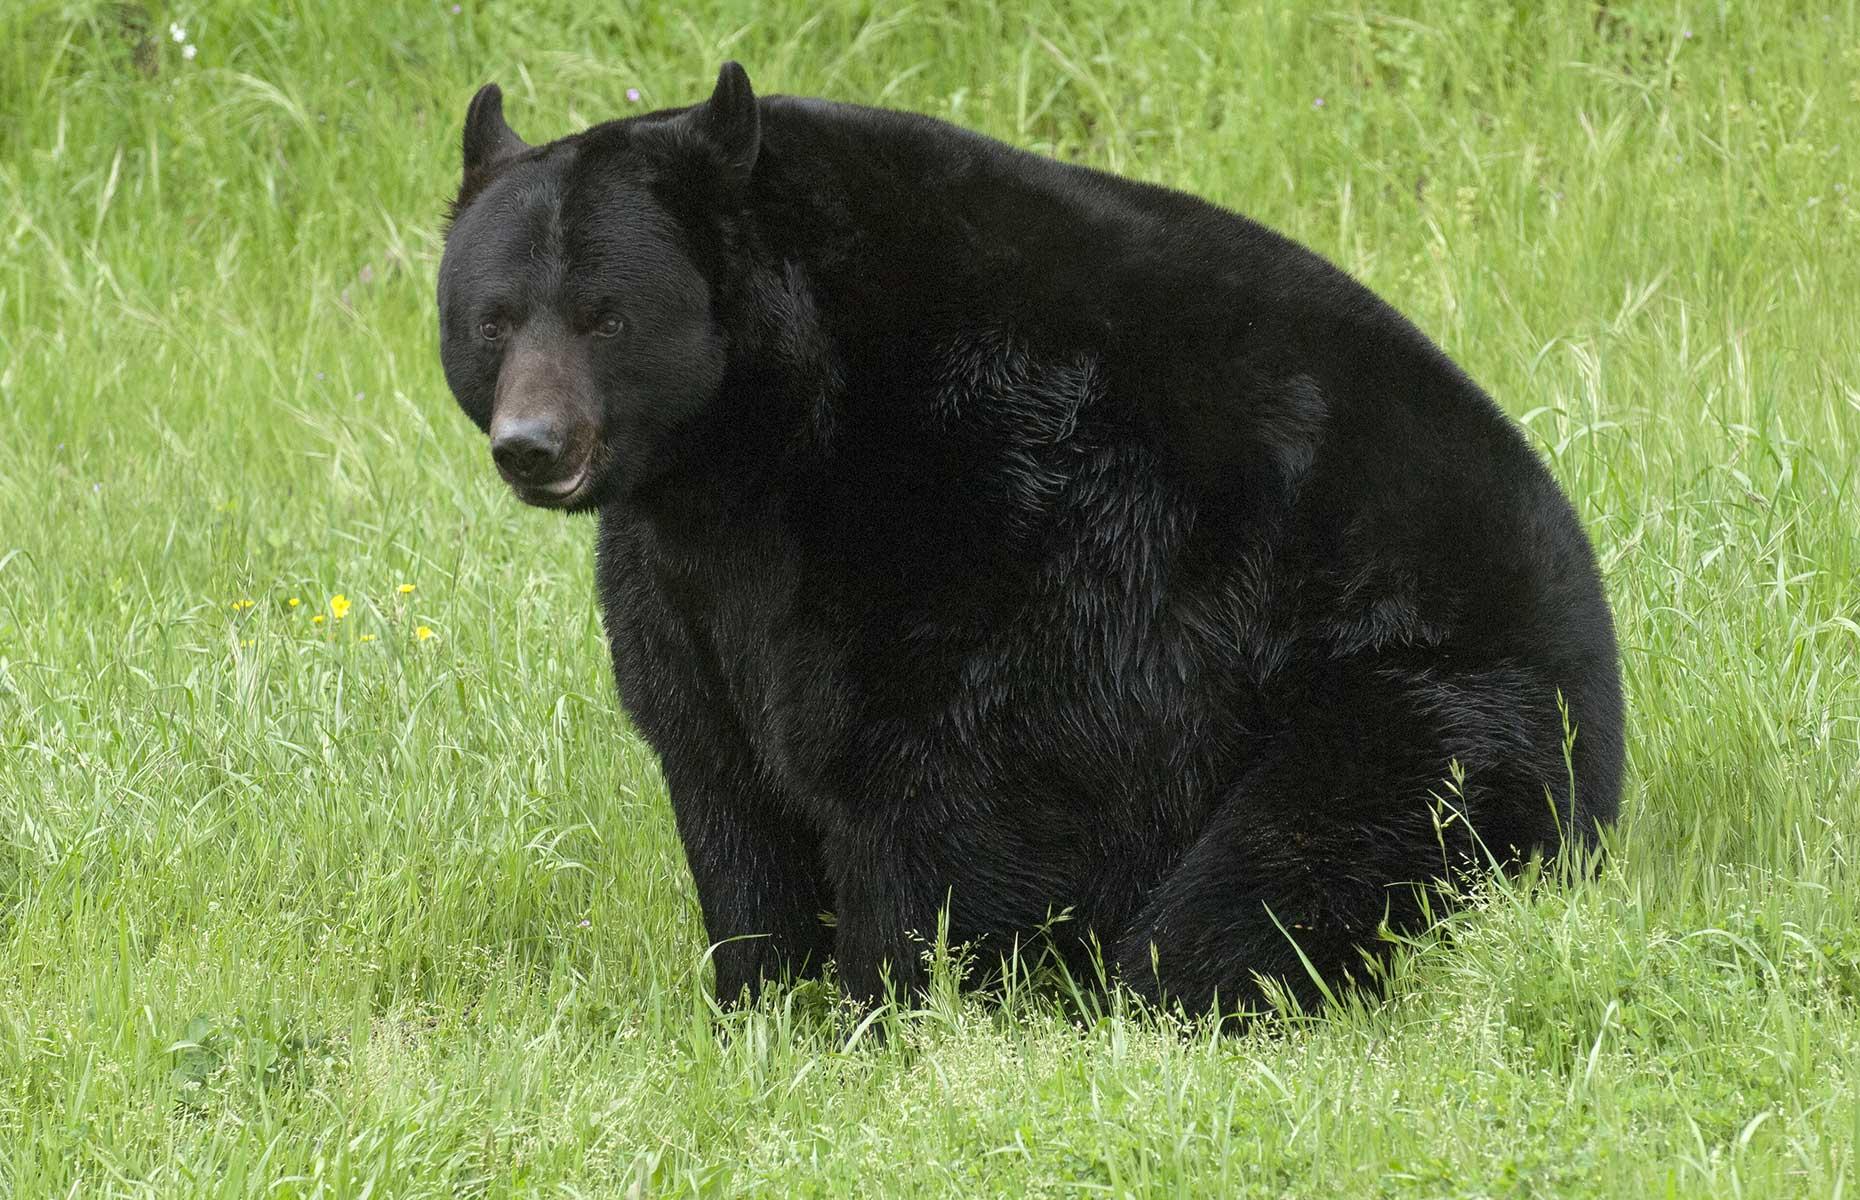 Black bear, California